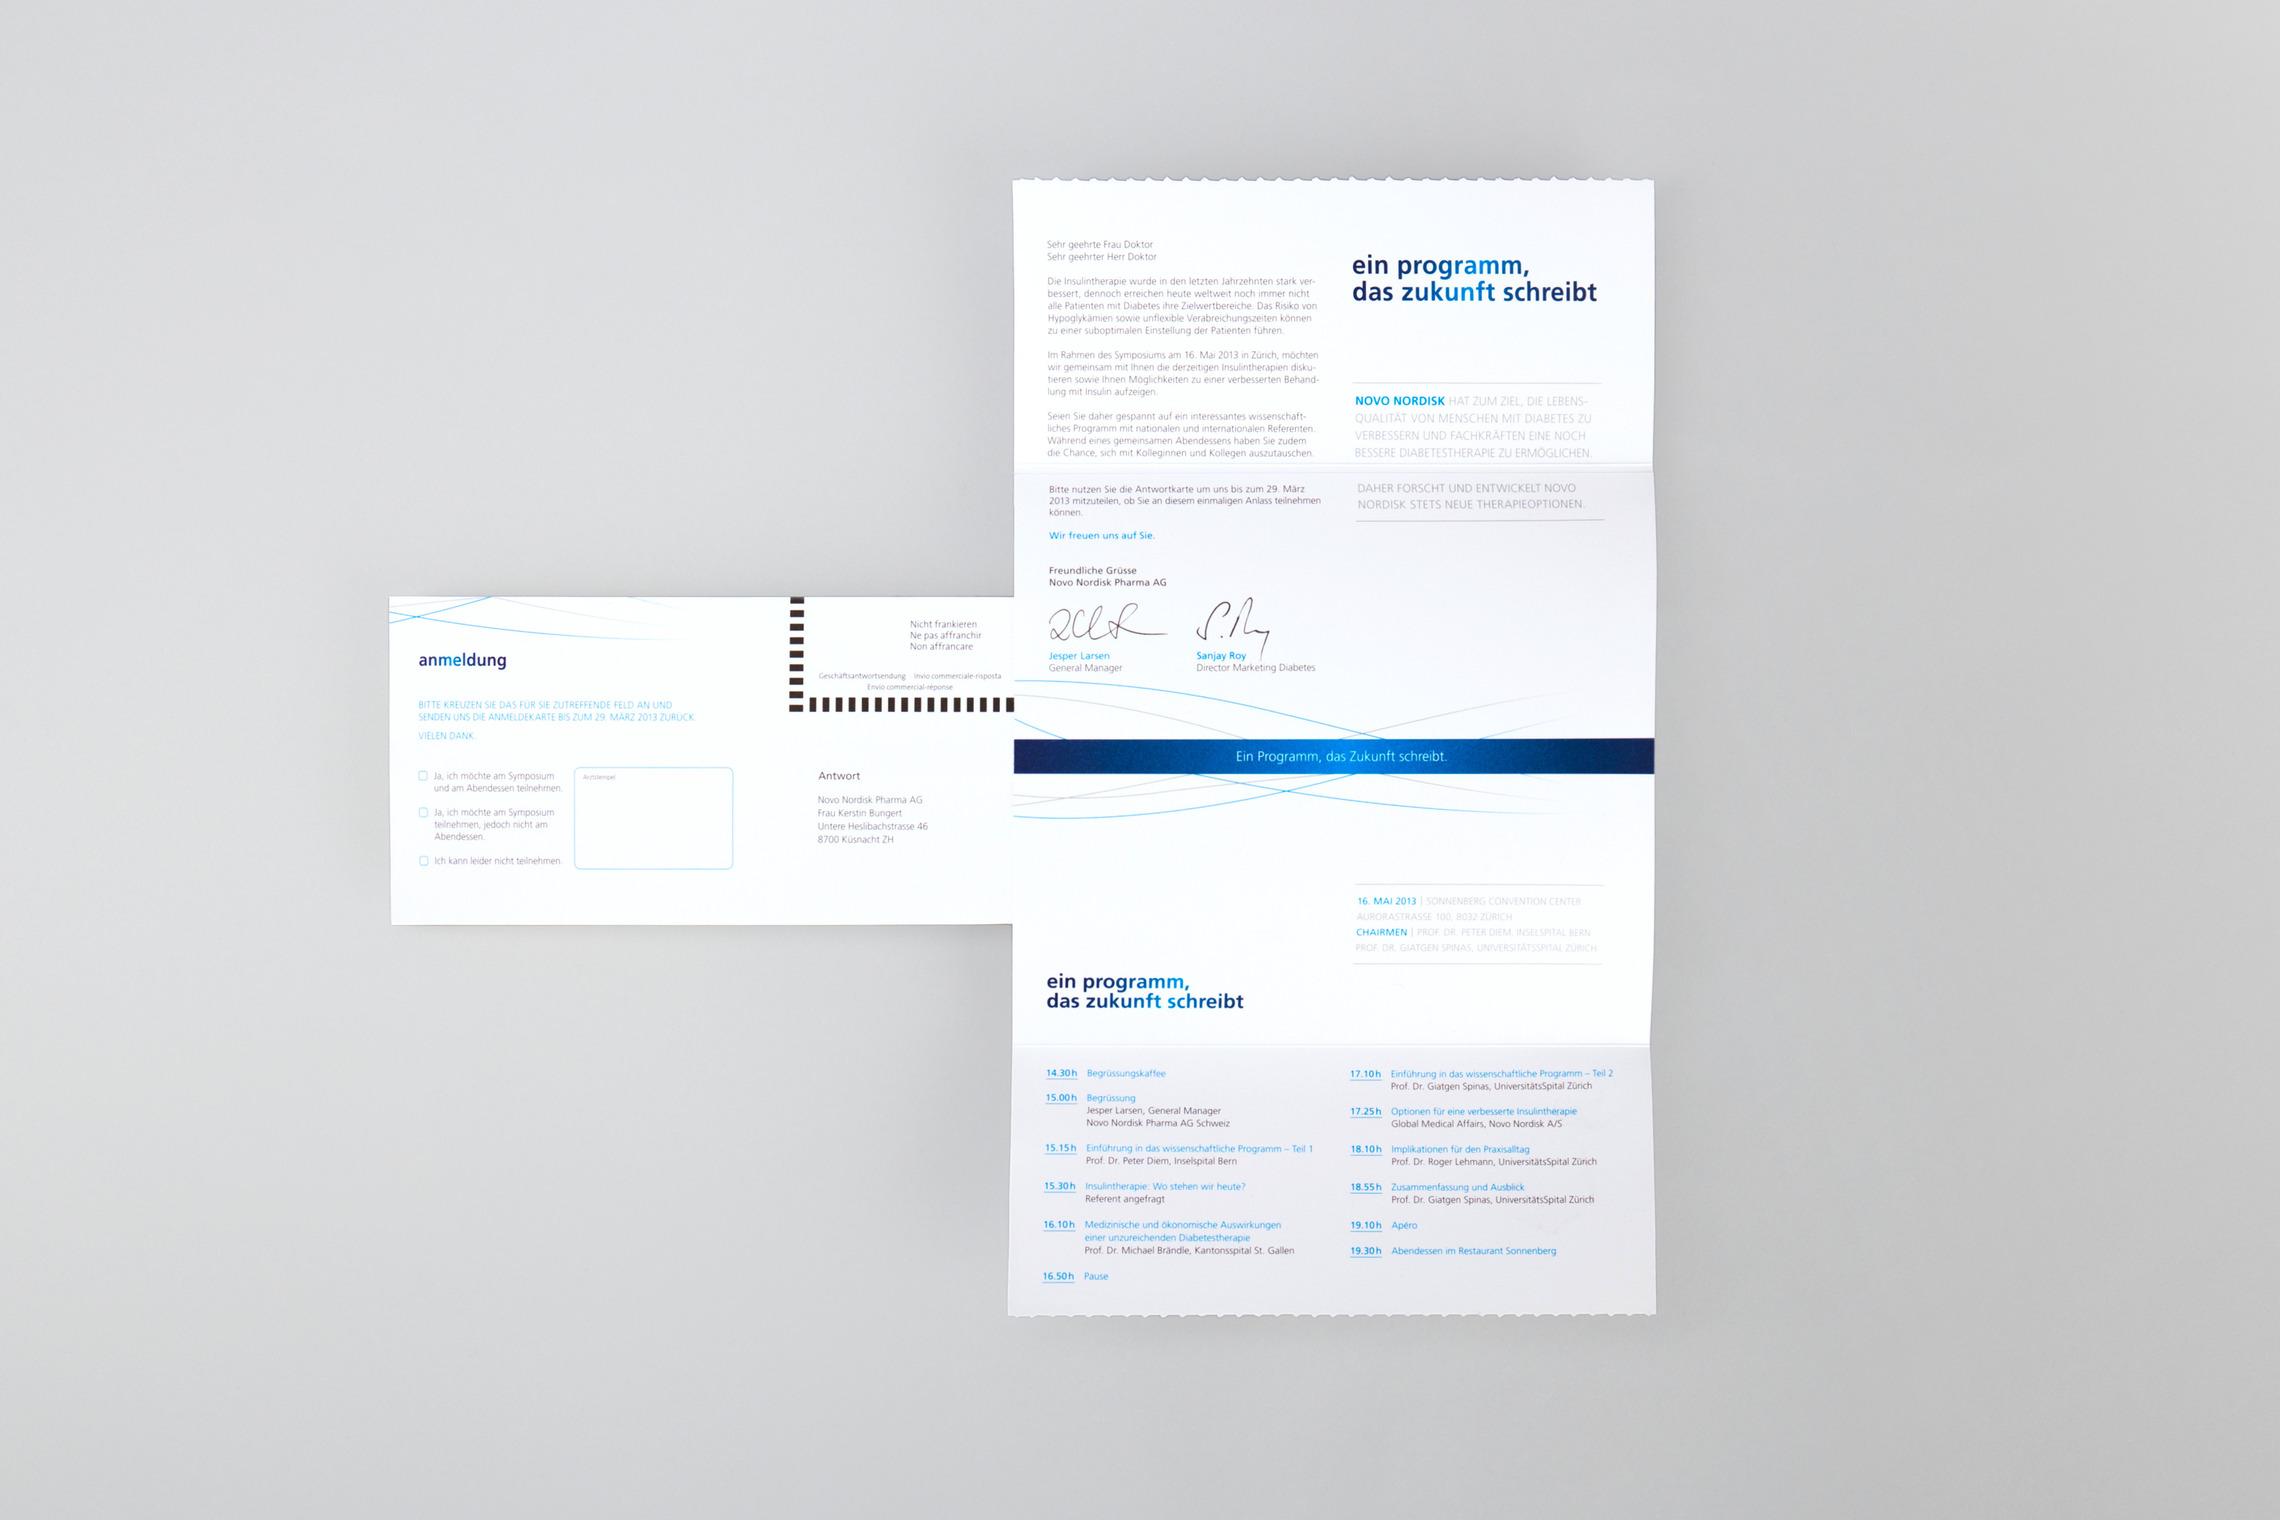 Die aufwendig gestaltete Einladungskarte wird in einer Mailingaktion an die Zielgruppe versendet.